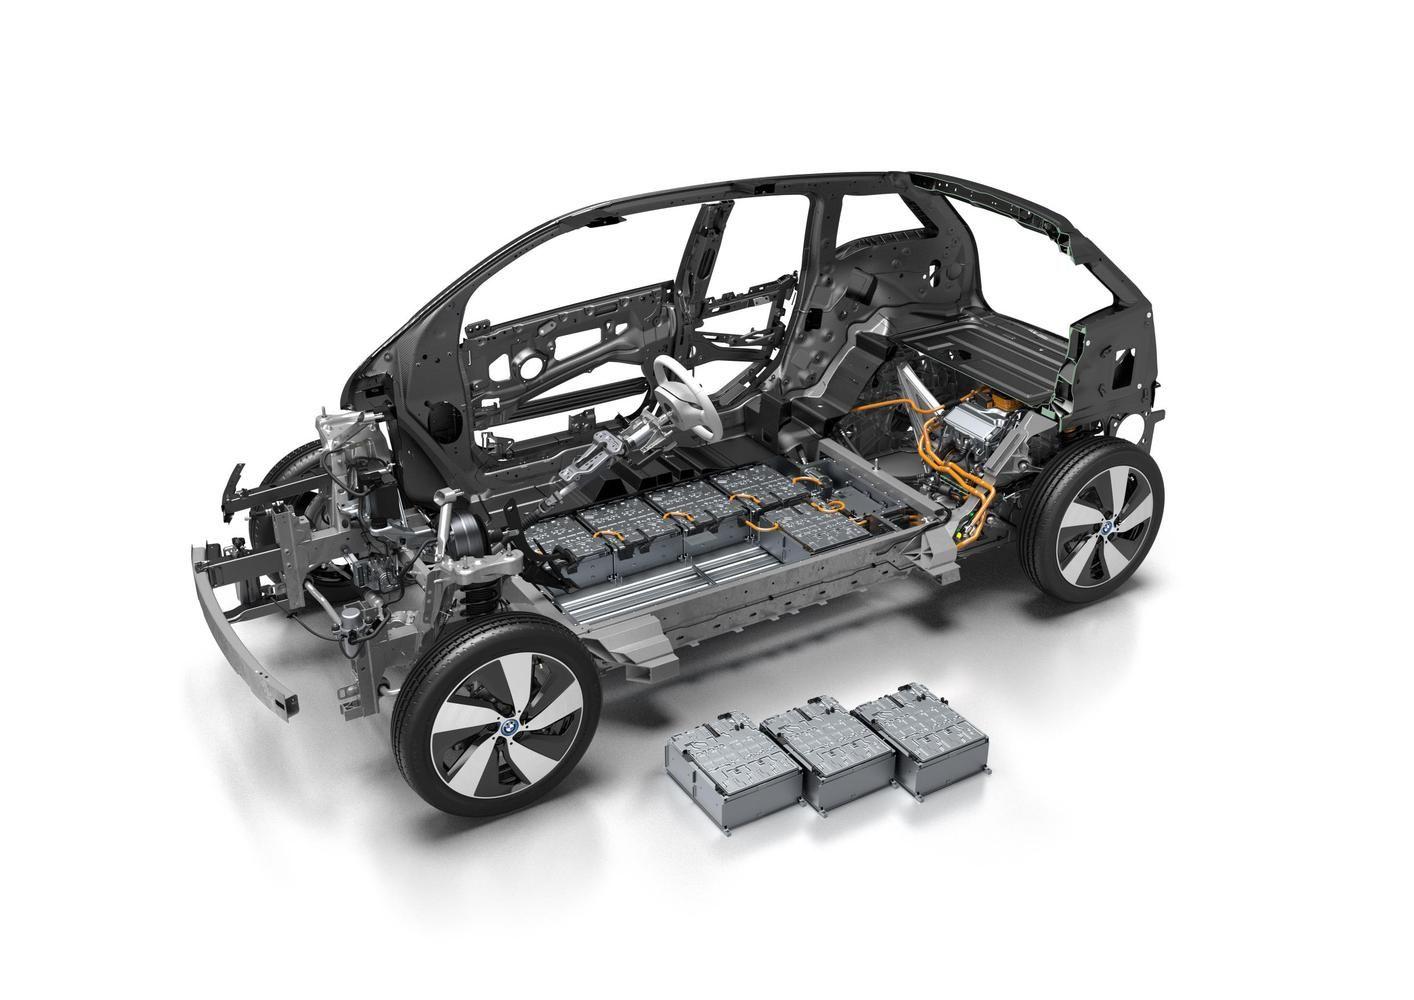 Elektromobilių pramonei – sprendimas, kaip mažinti kobalto poreikį